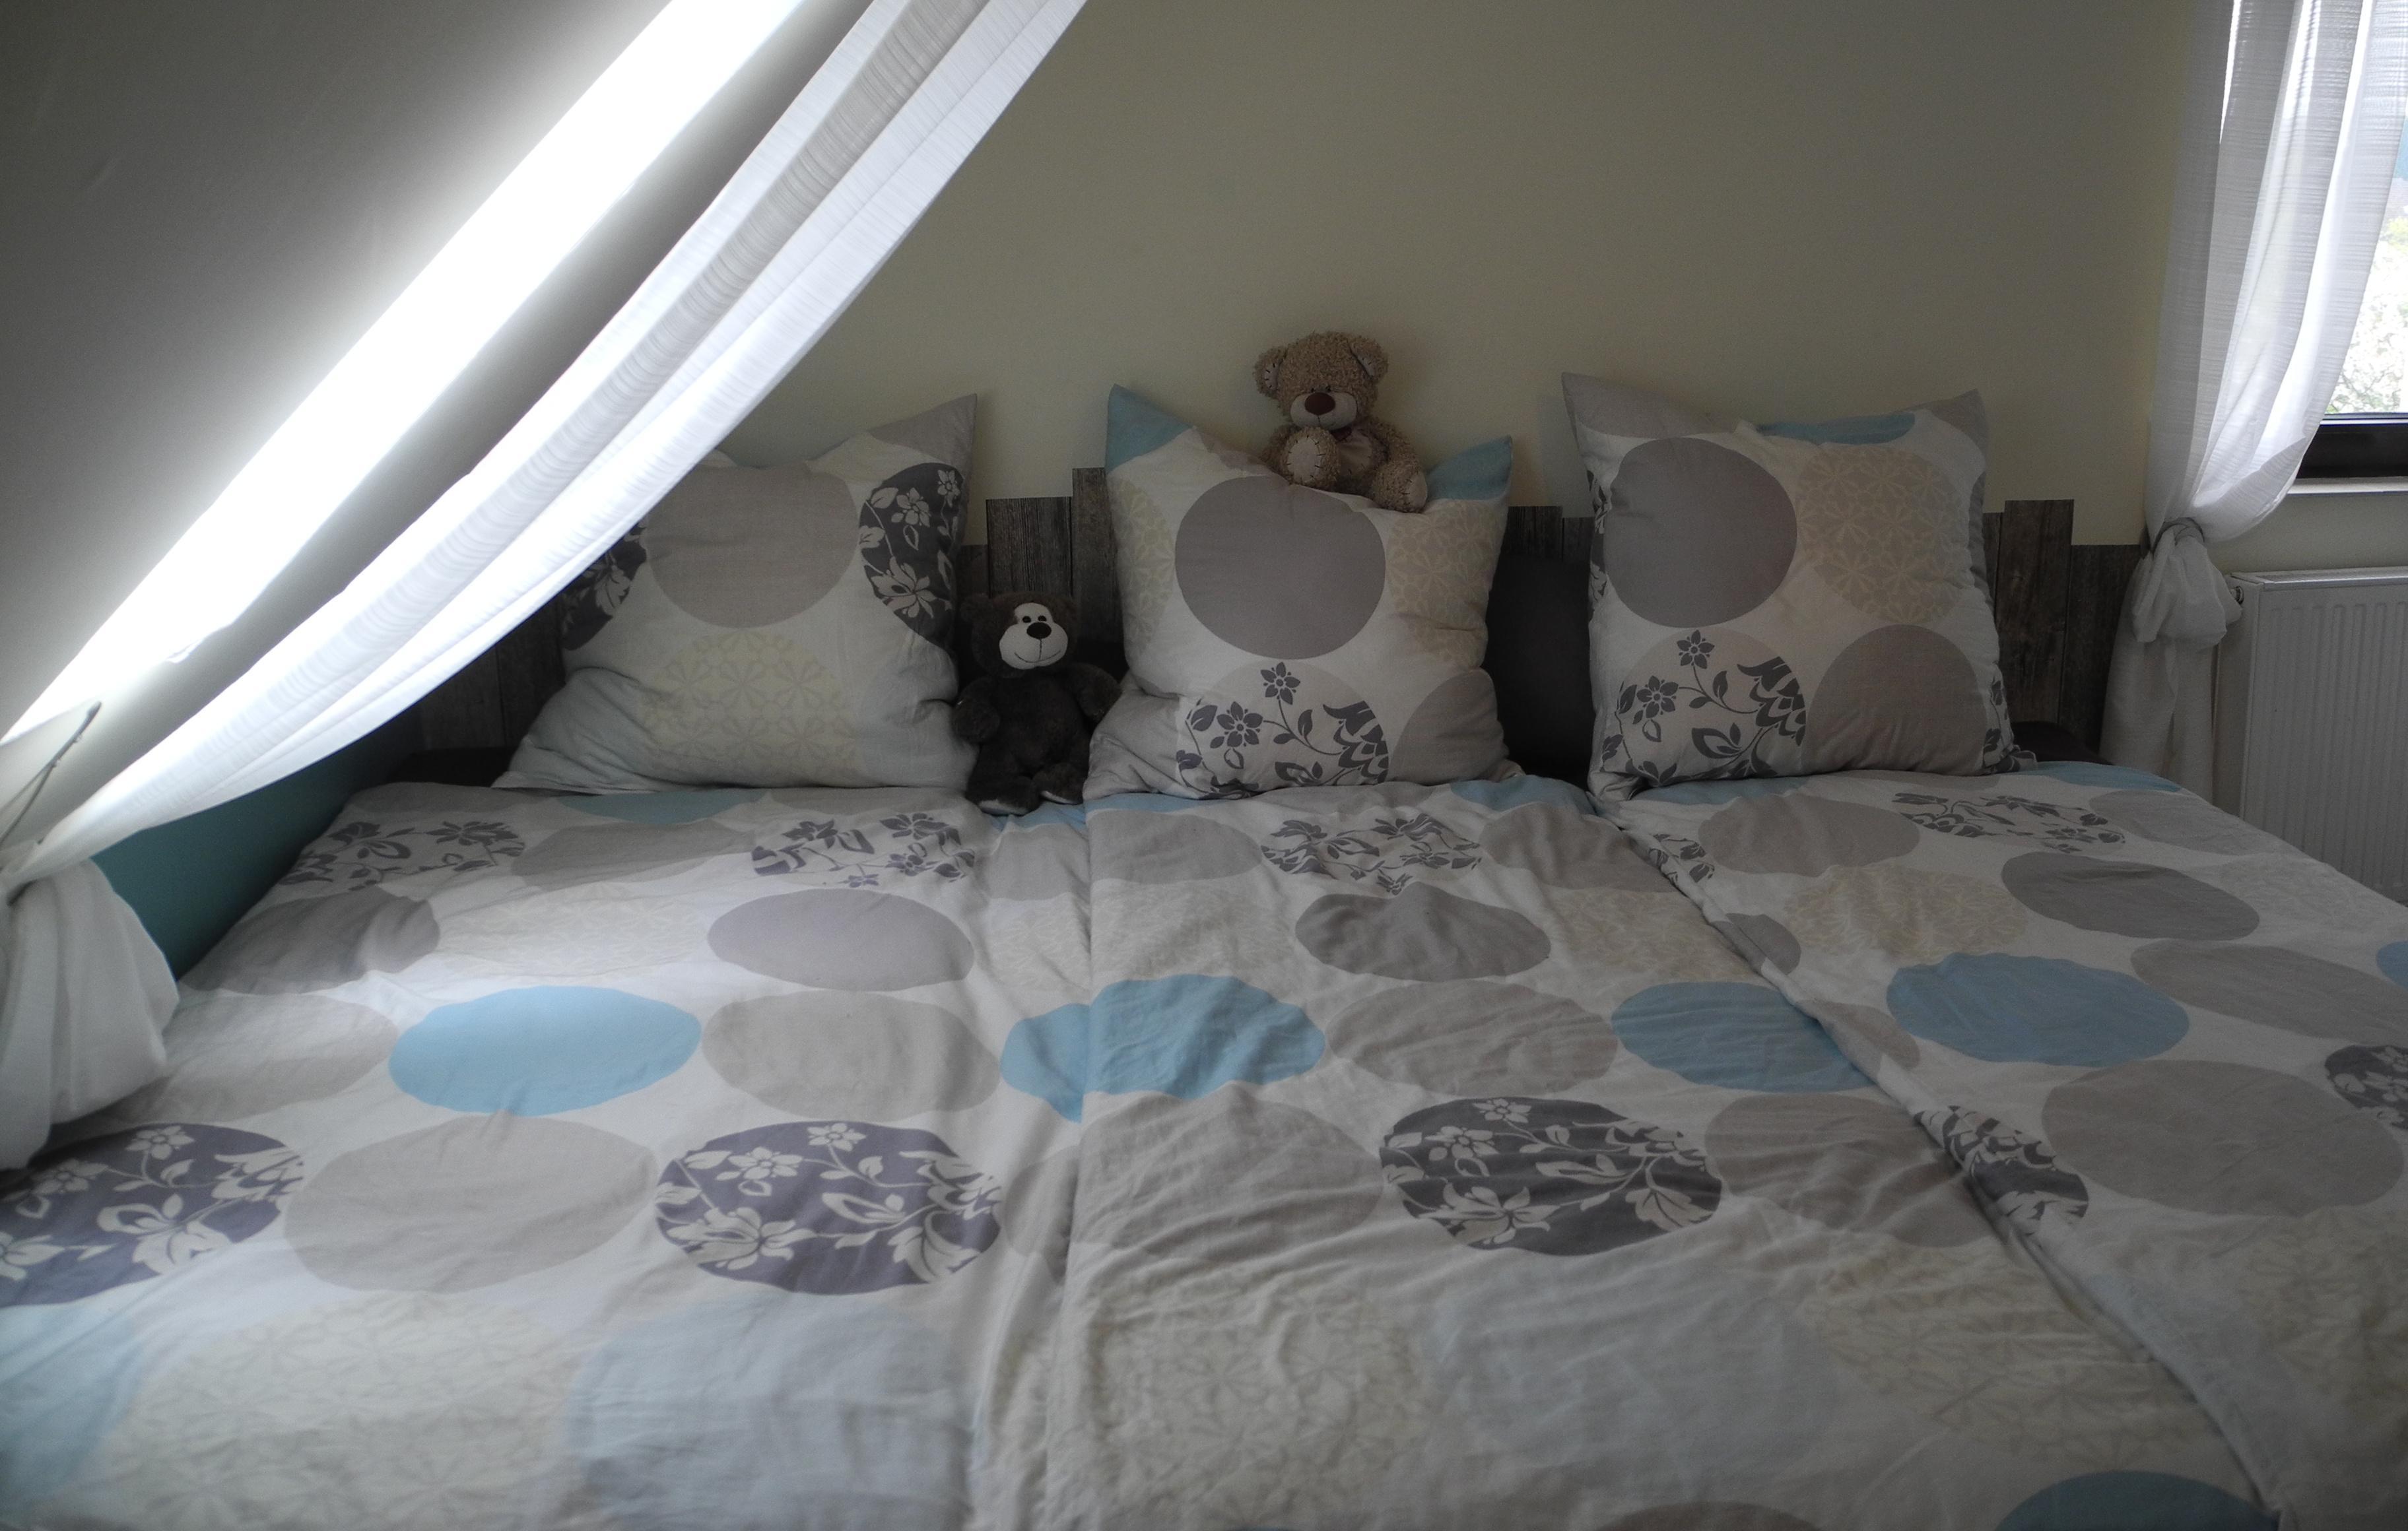 Familienbett Bauanleitung - 270 cm Familienbett aus zwei Betten